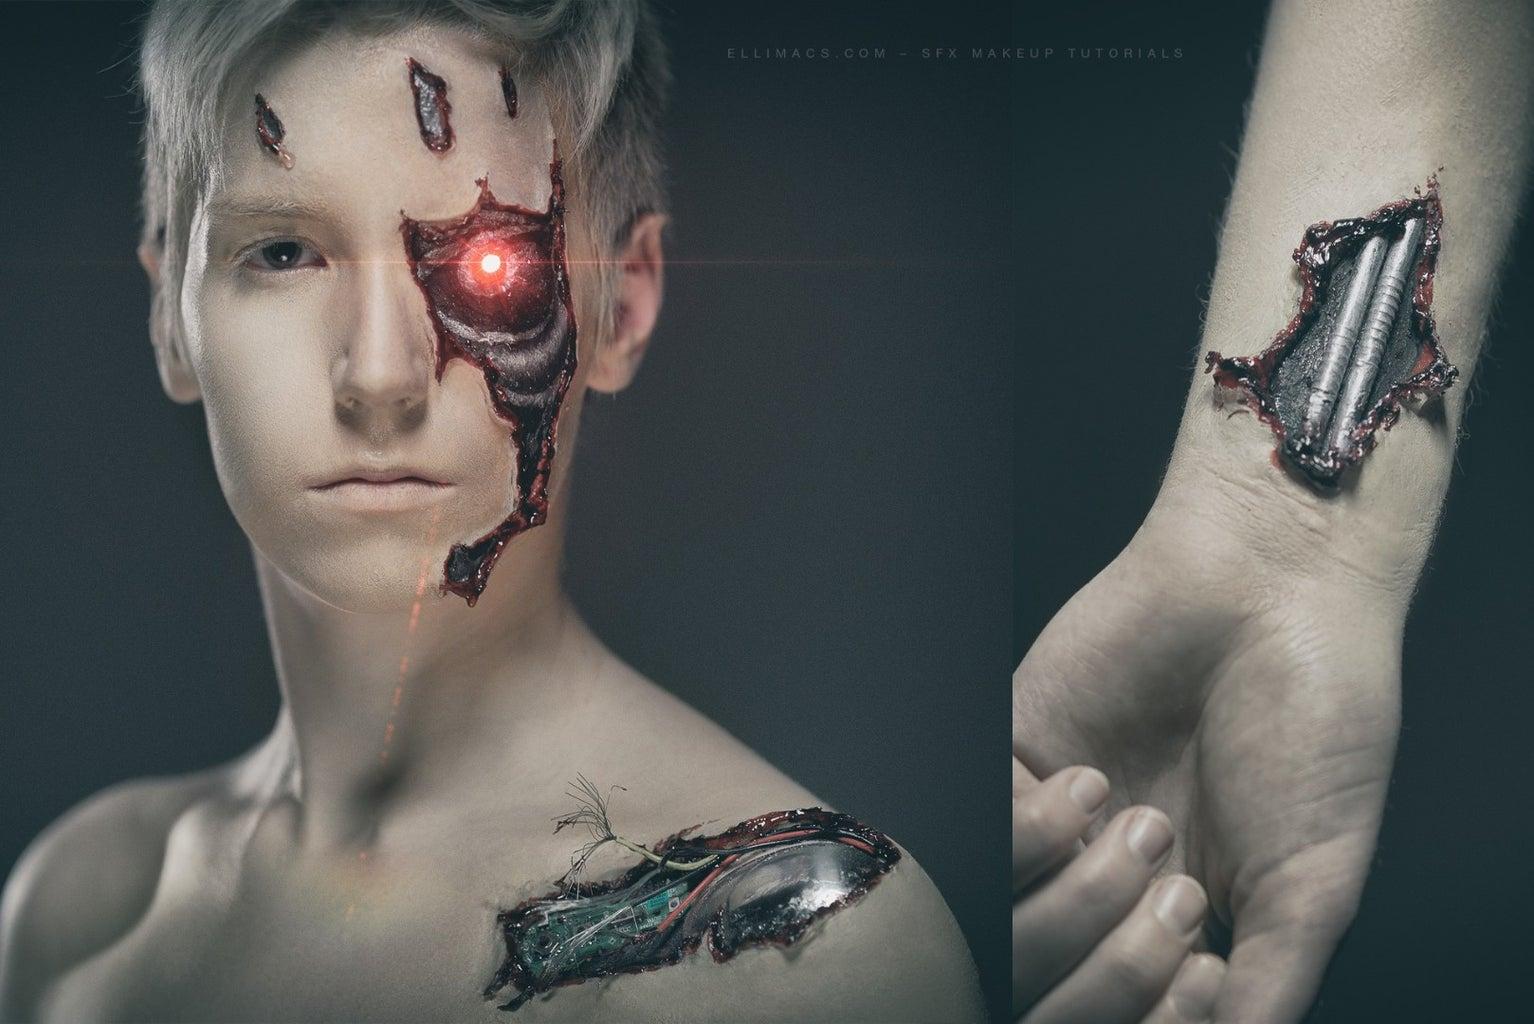 The Terminator - SFX Makeup Tutorial